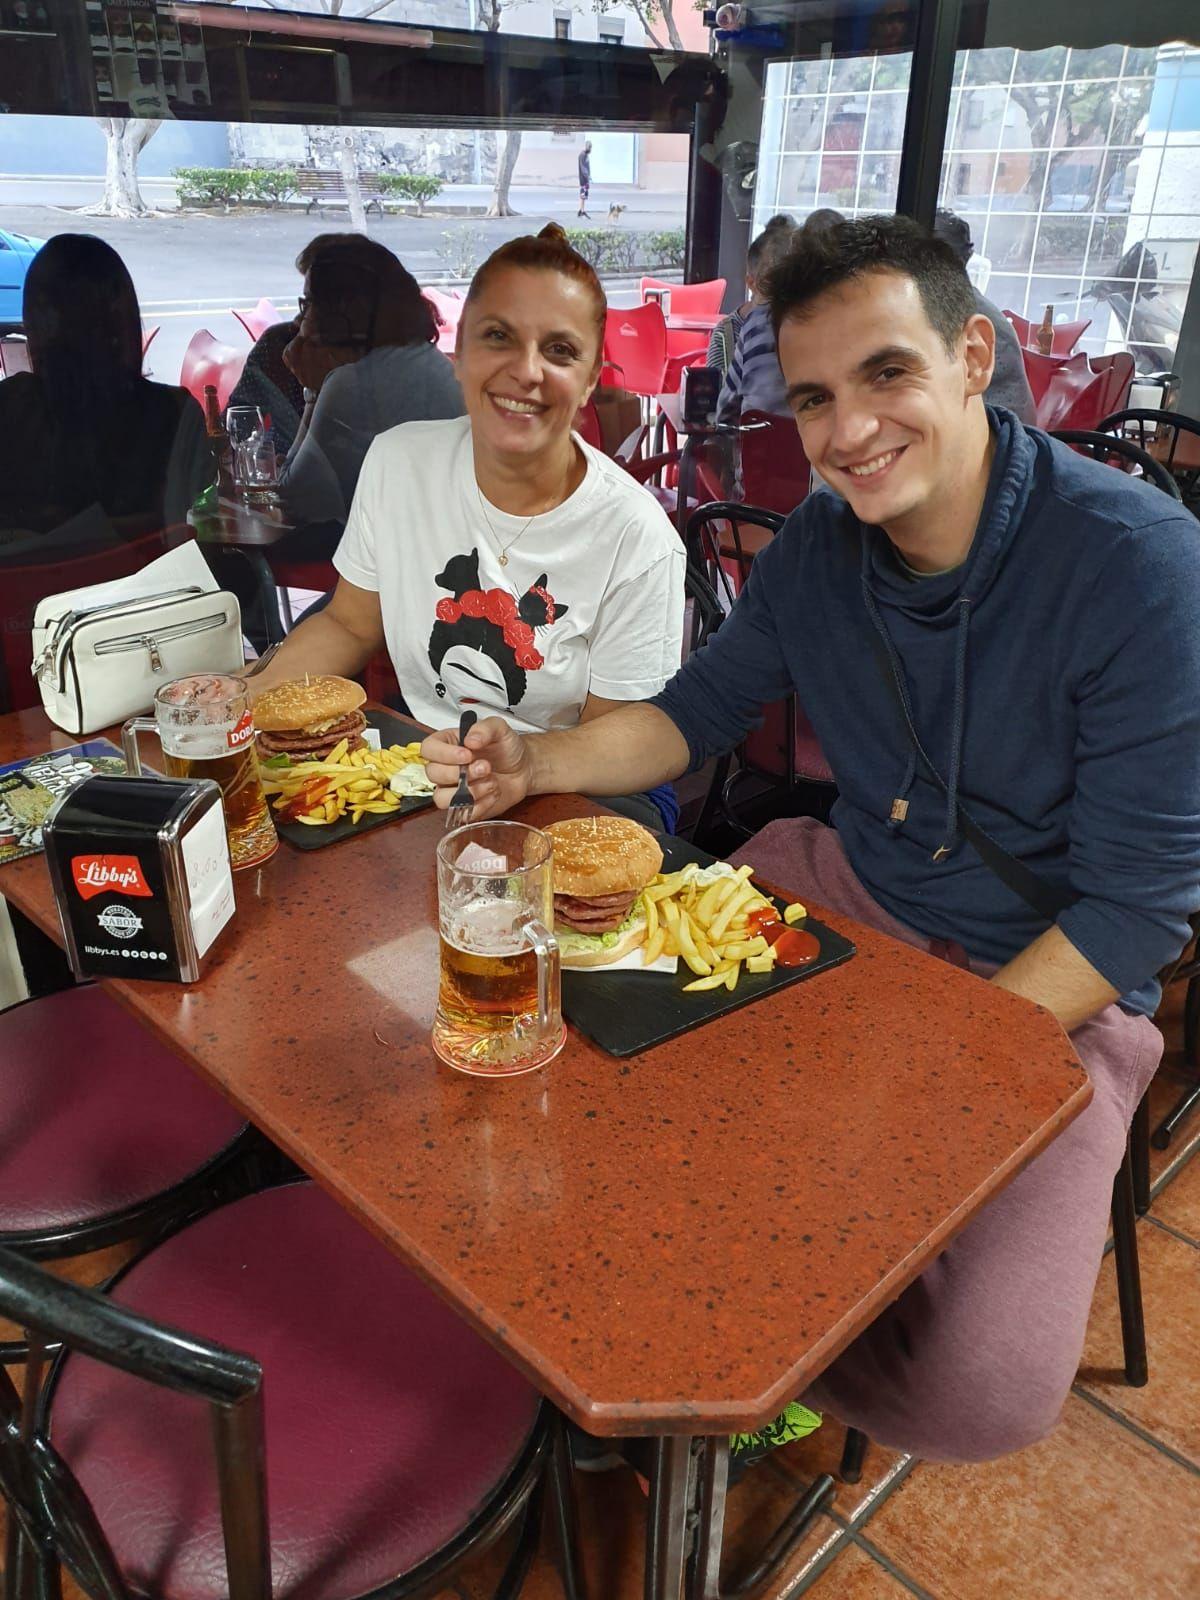 Foto 5 de Churrería  en  | Cafetería  Mortadelo